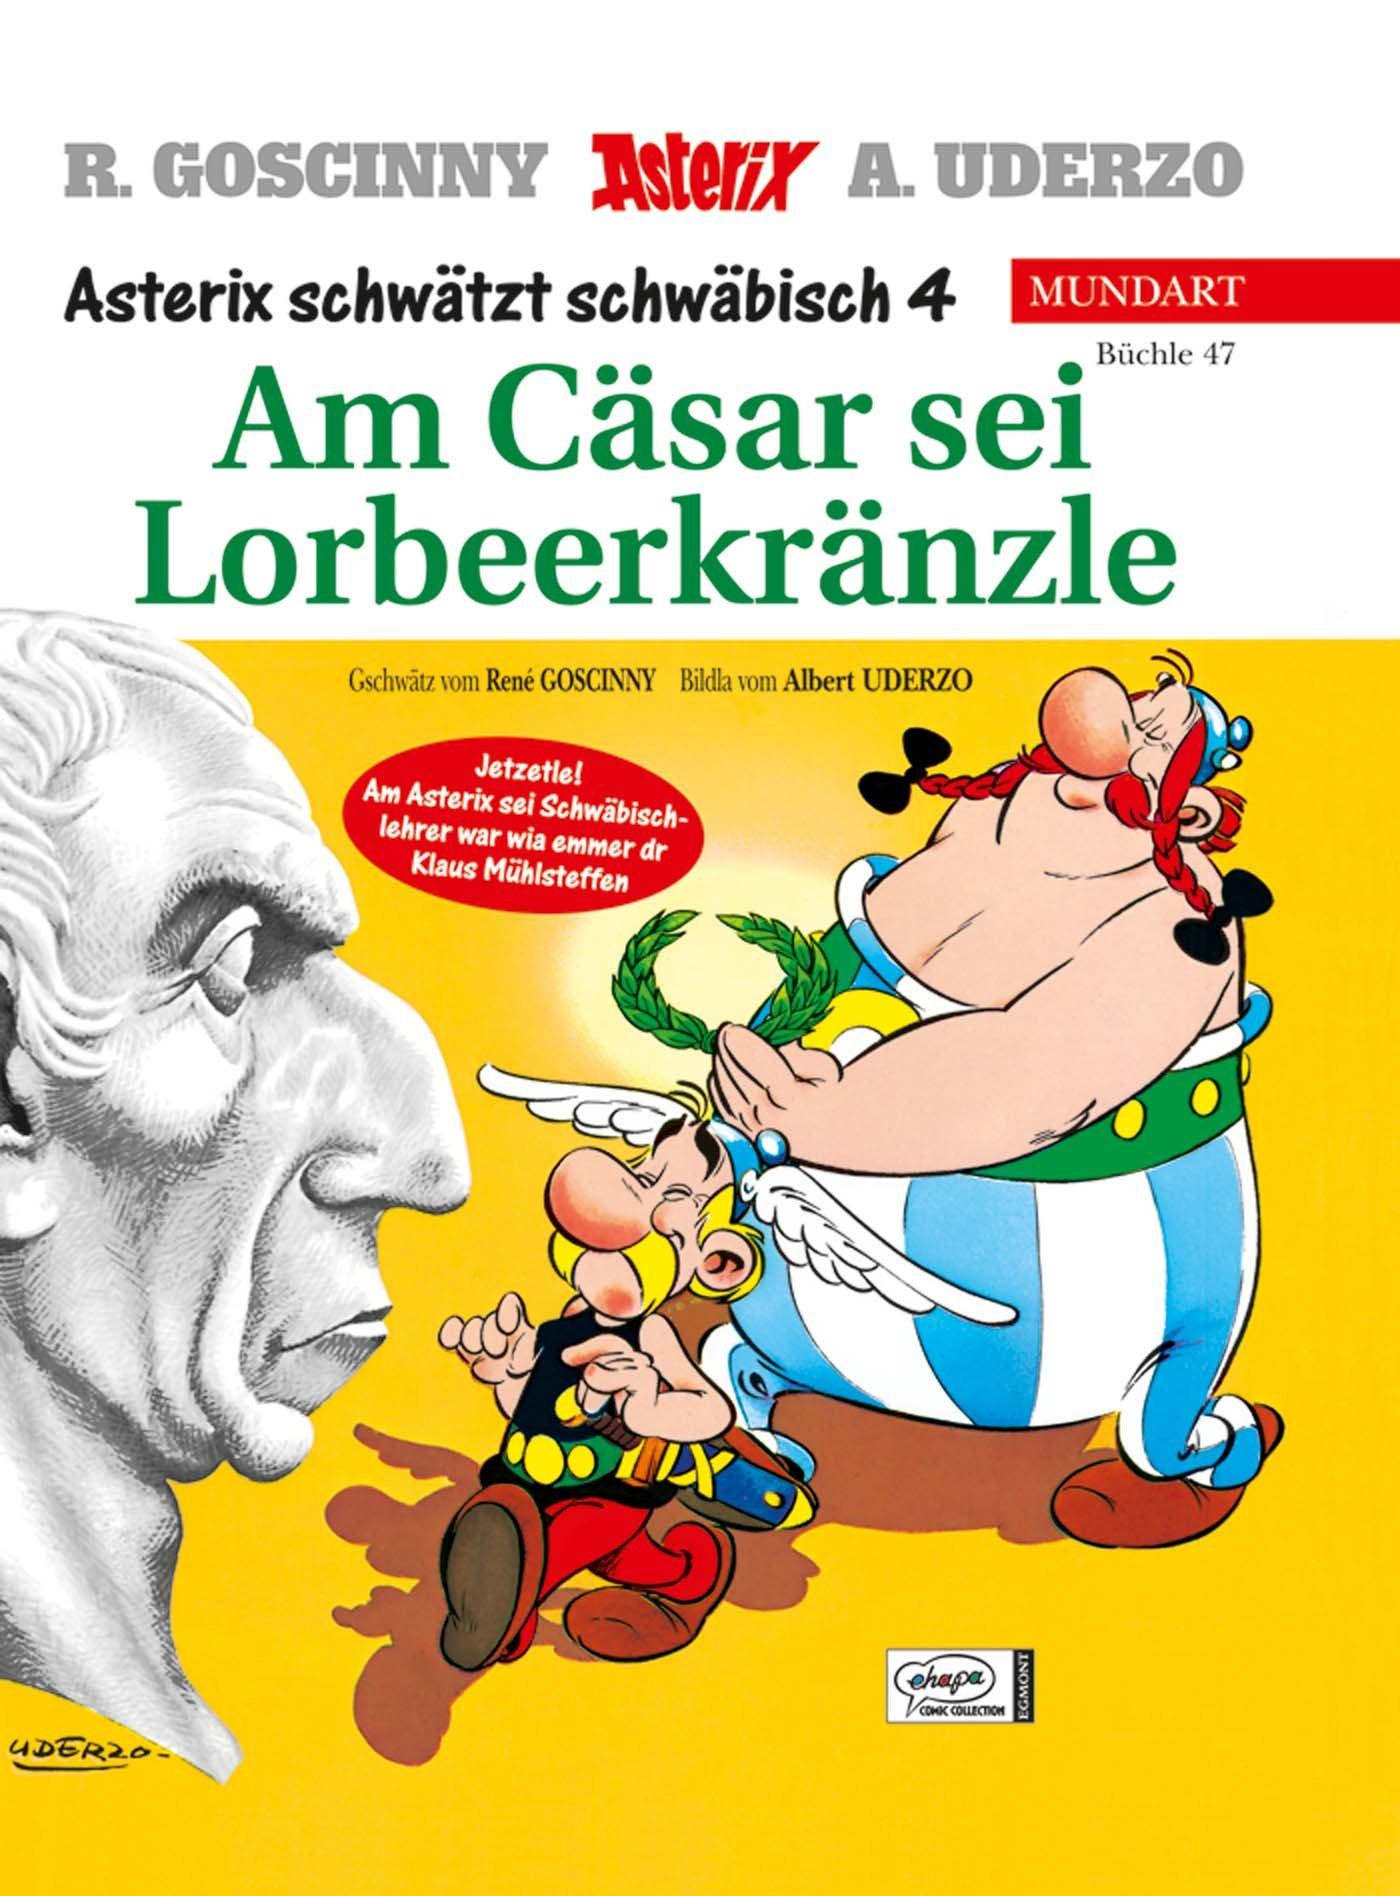 Schwäbisch asterix mundart büchle 47 asterix schwätzt schwäbisch amazon de